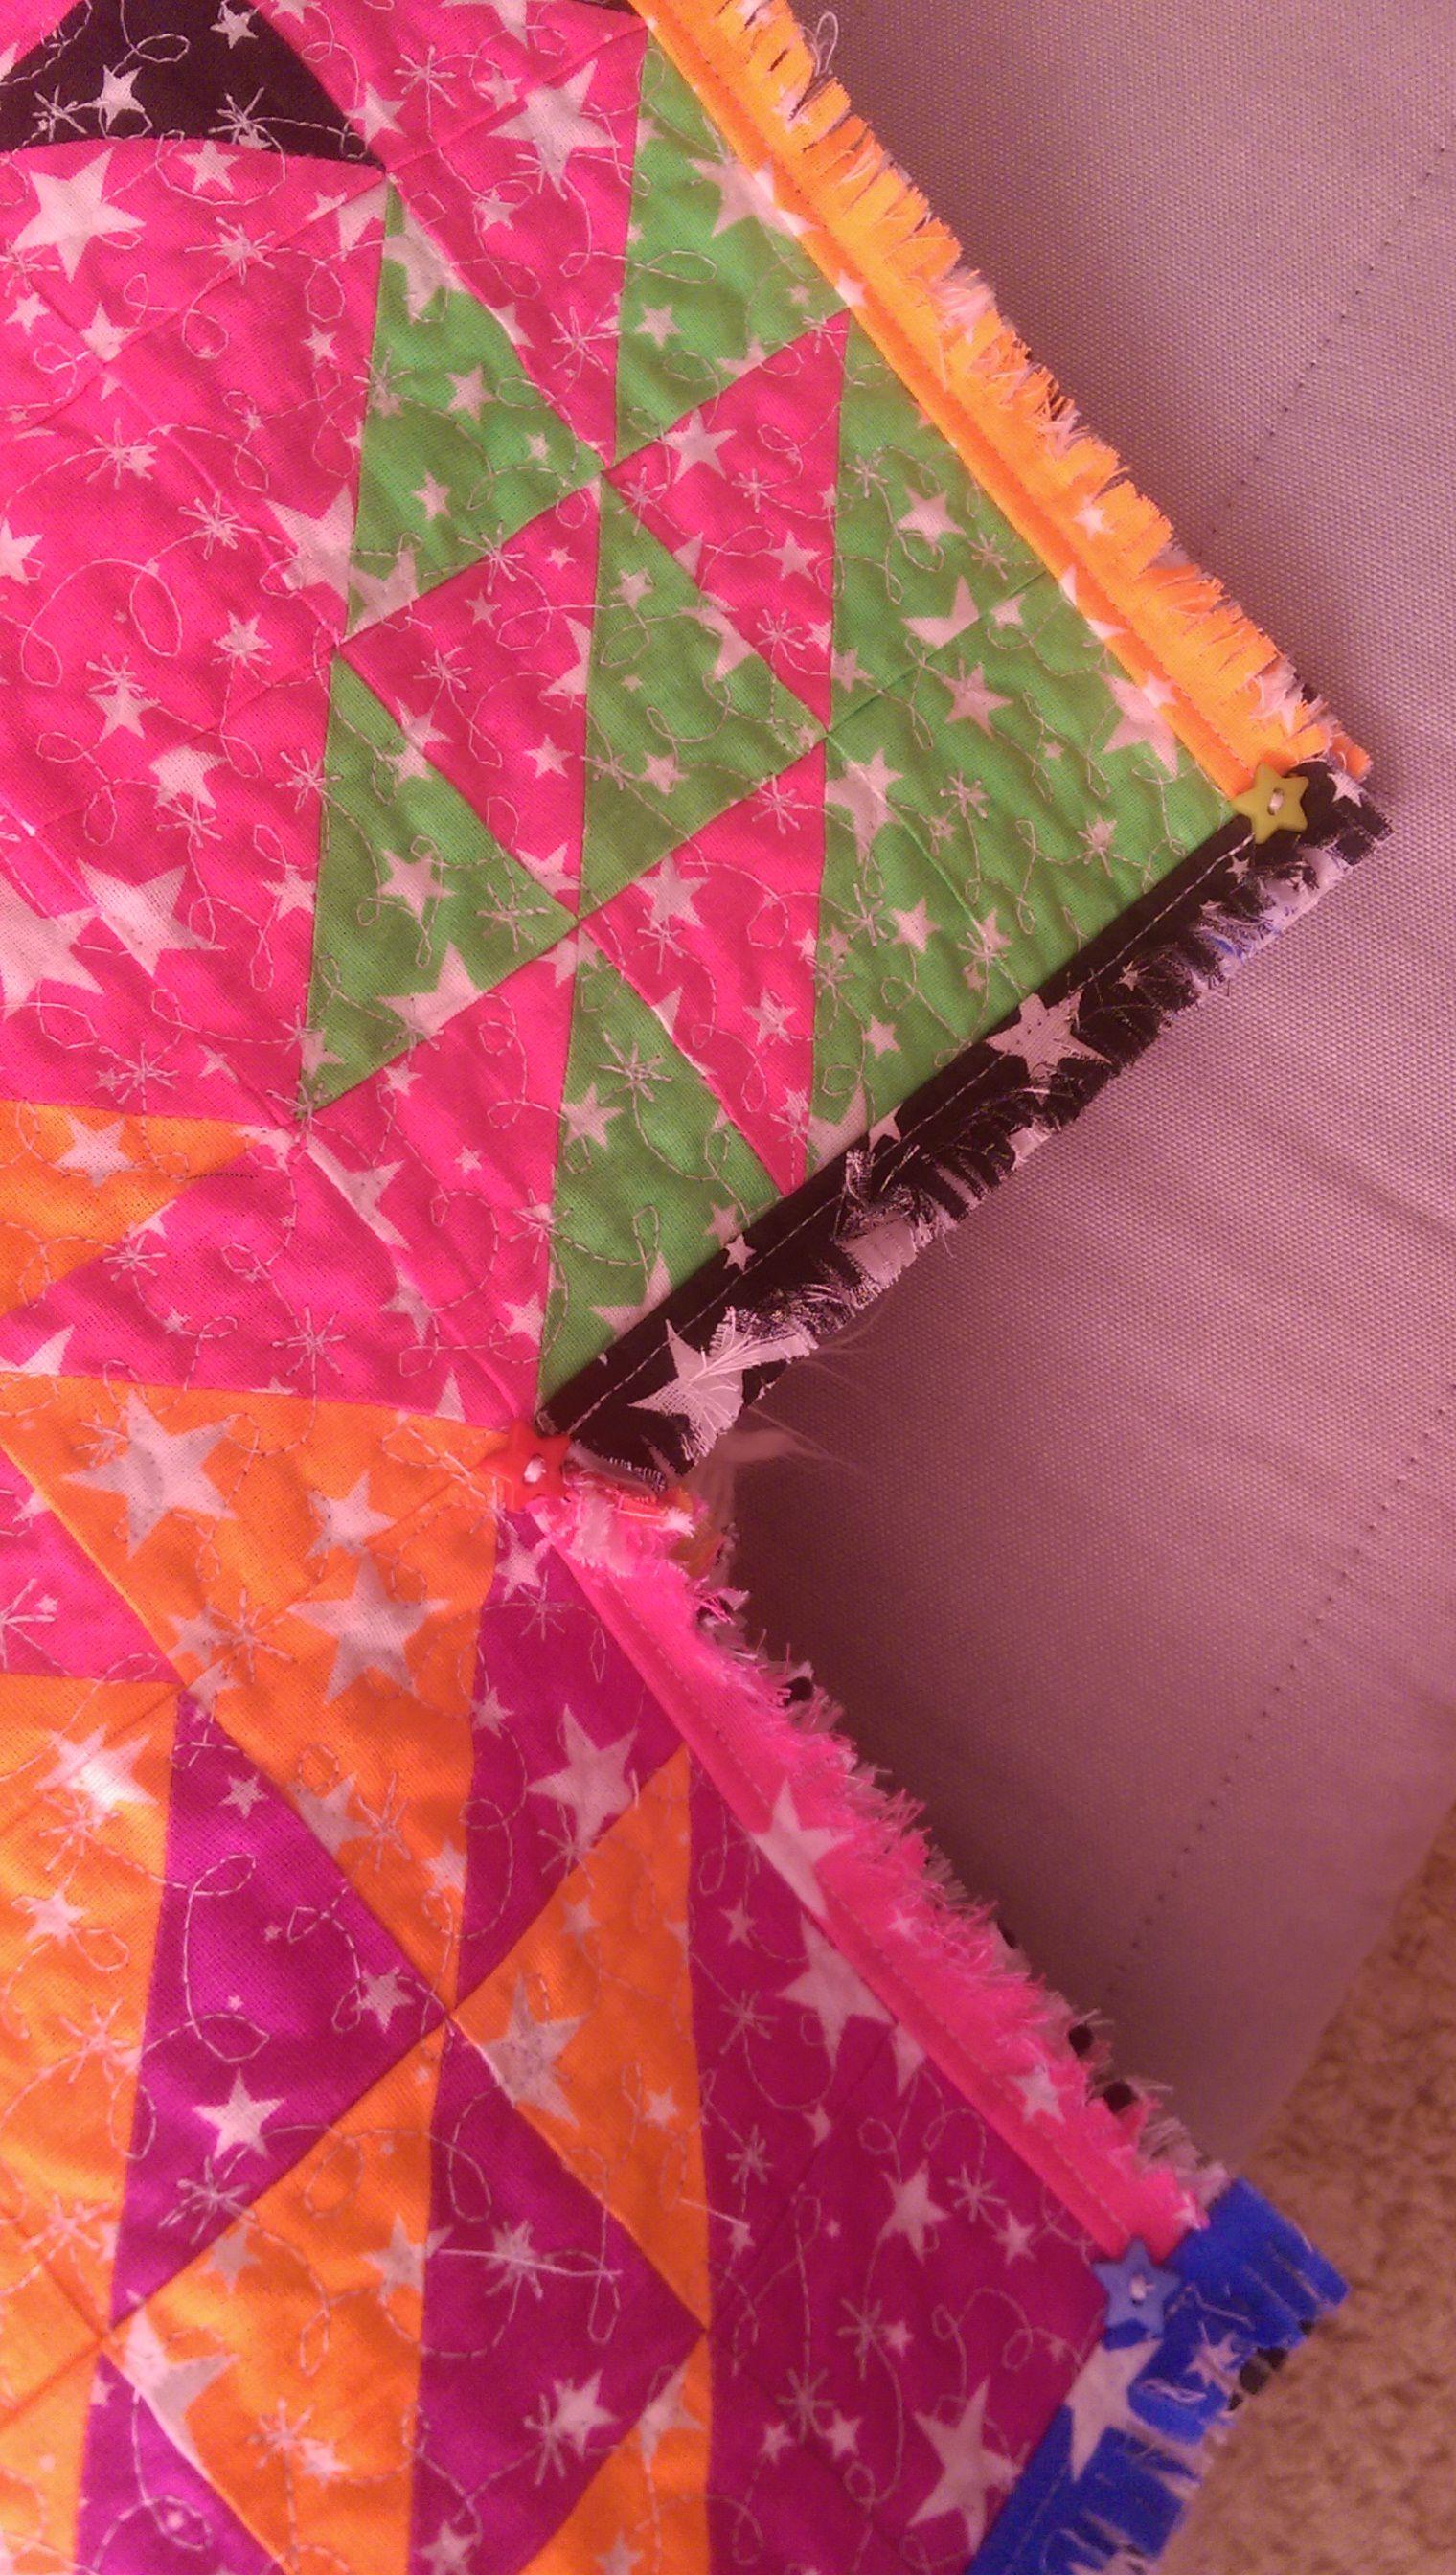 хлопок плед покрывало cotton квилт natural fabric coverlet blanket patchwork quilt handmade ткани натуральные лоскутное